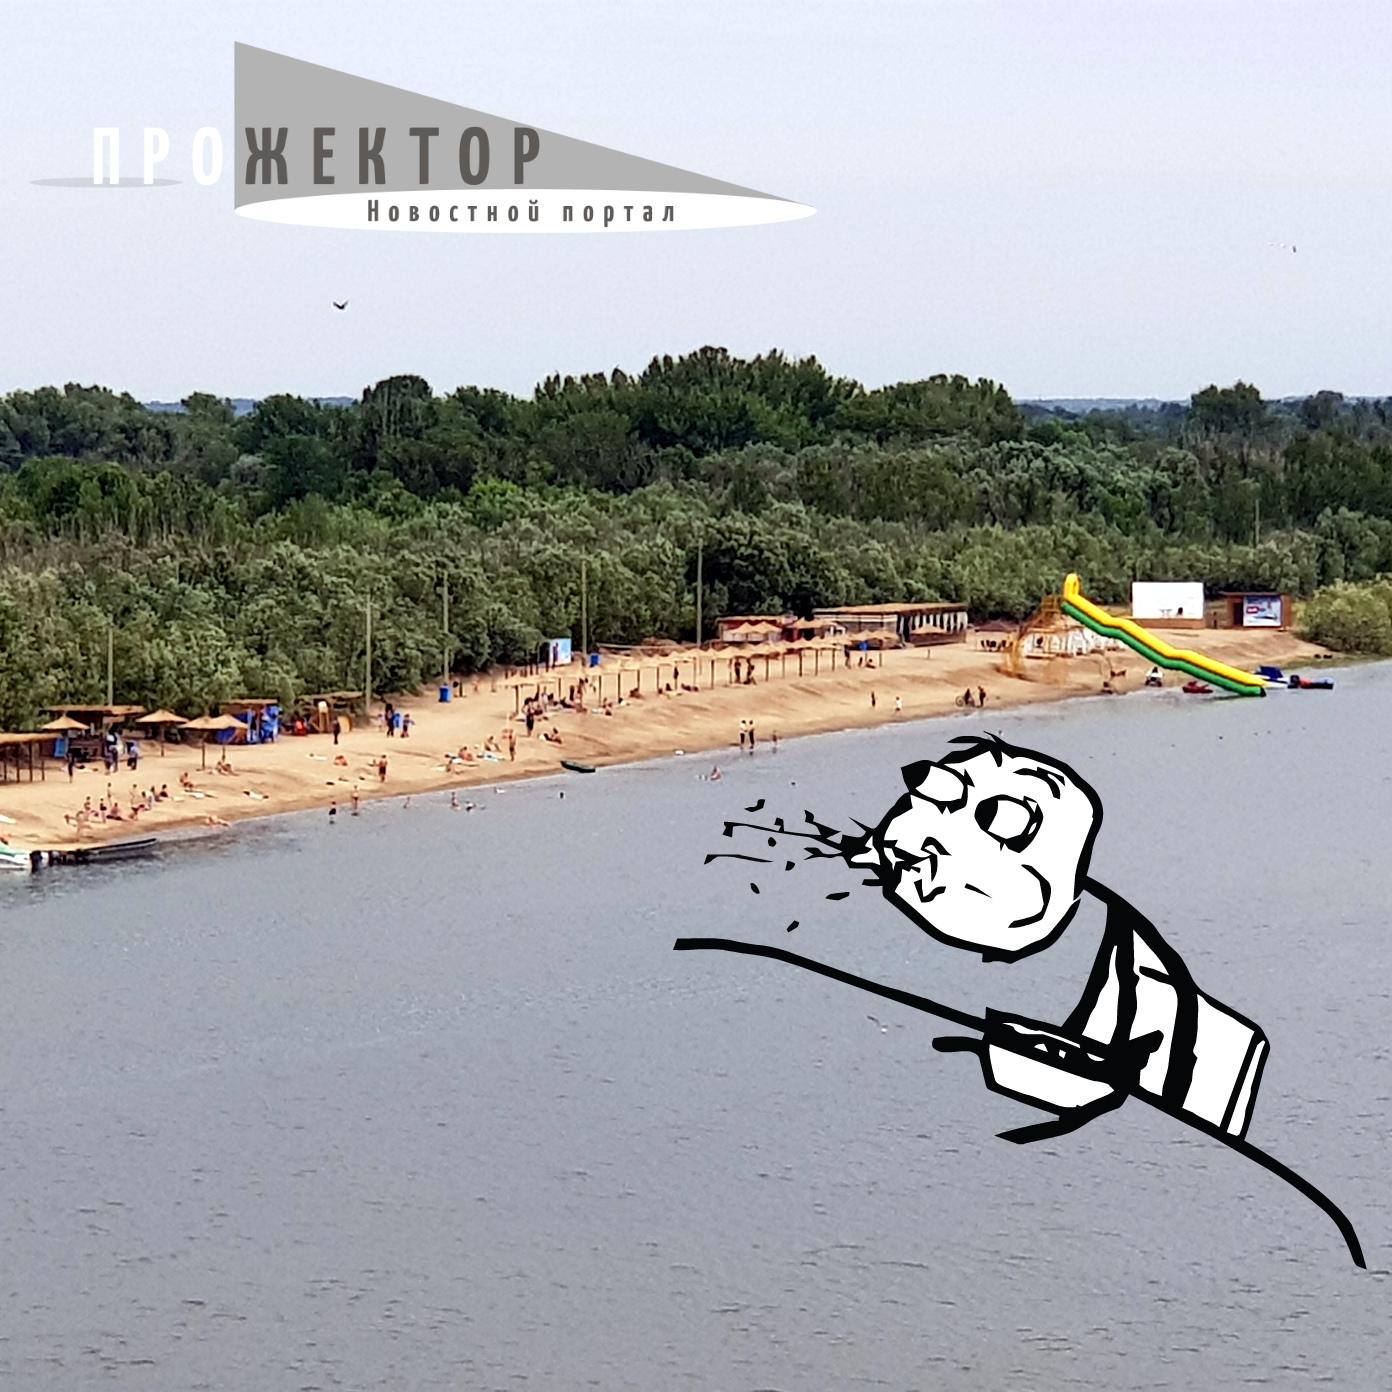 Как теперь выглядит городской пляж?